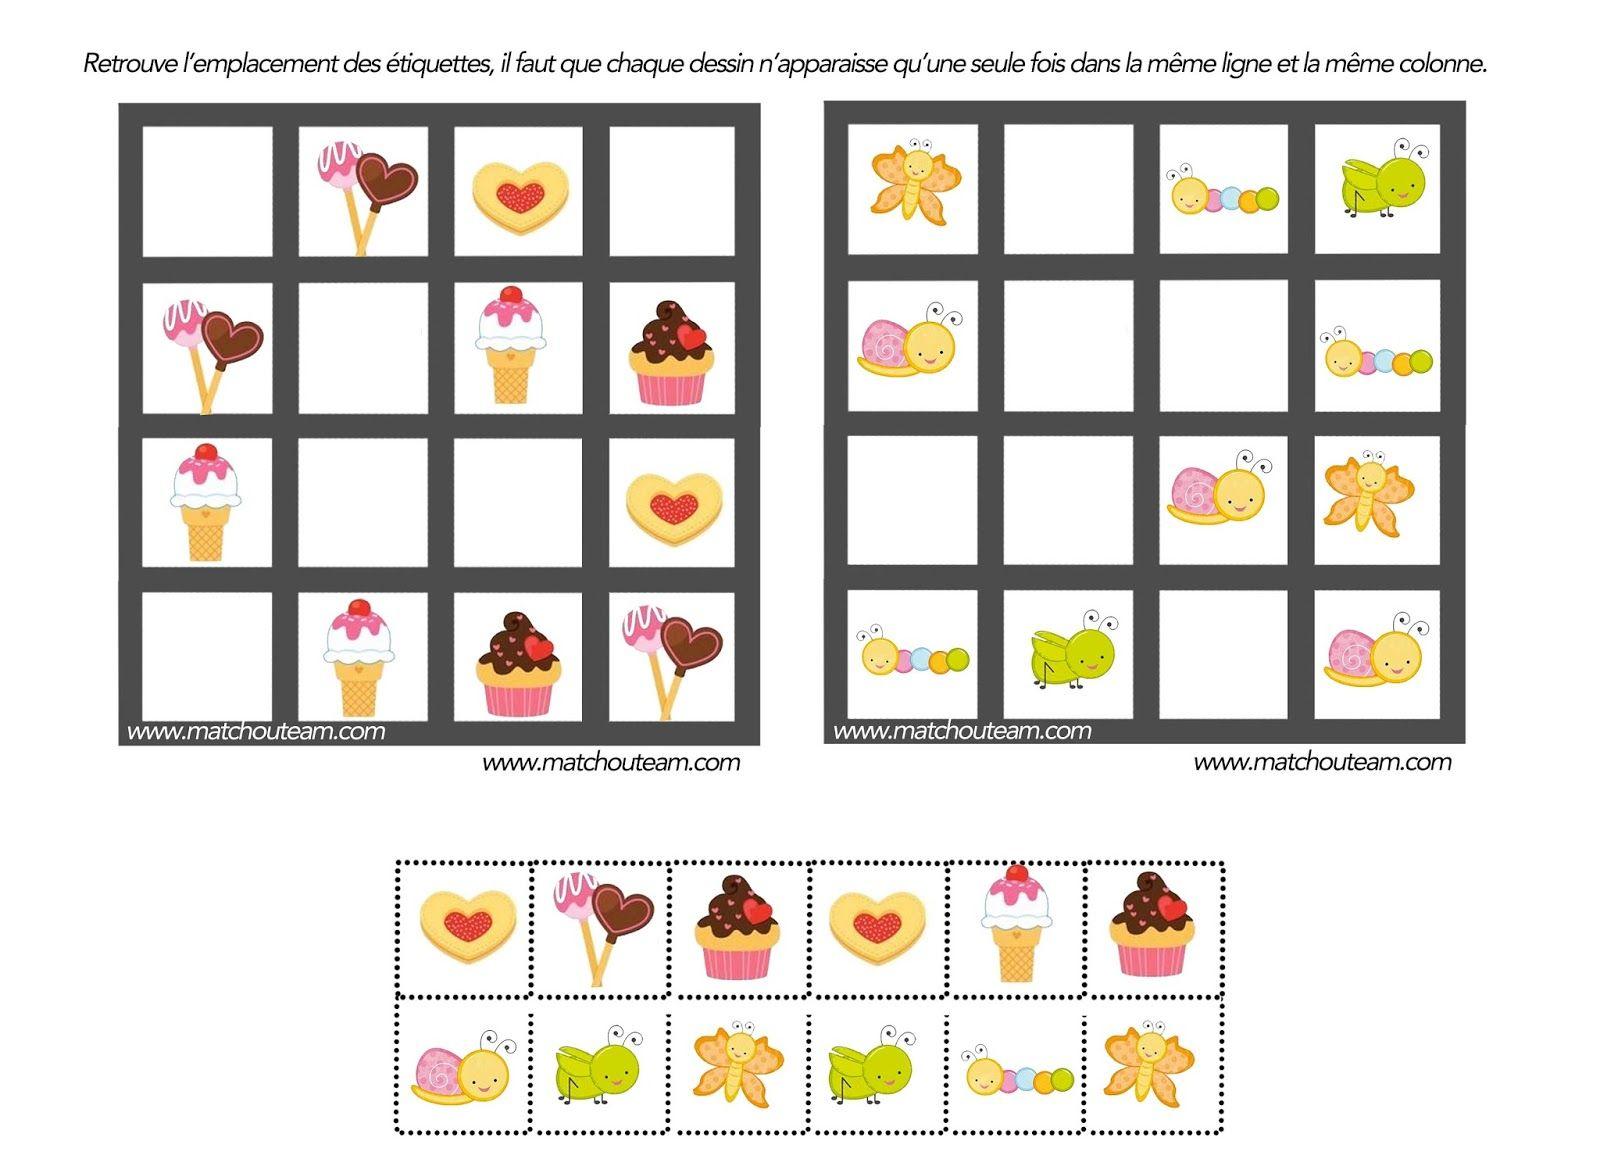 Jeu Pour Esprit Logique | Jeux De Logique, Jeux De Reflexion destiné Jeux Maternelle Gratuit